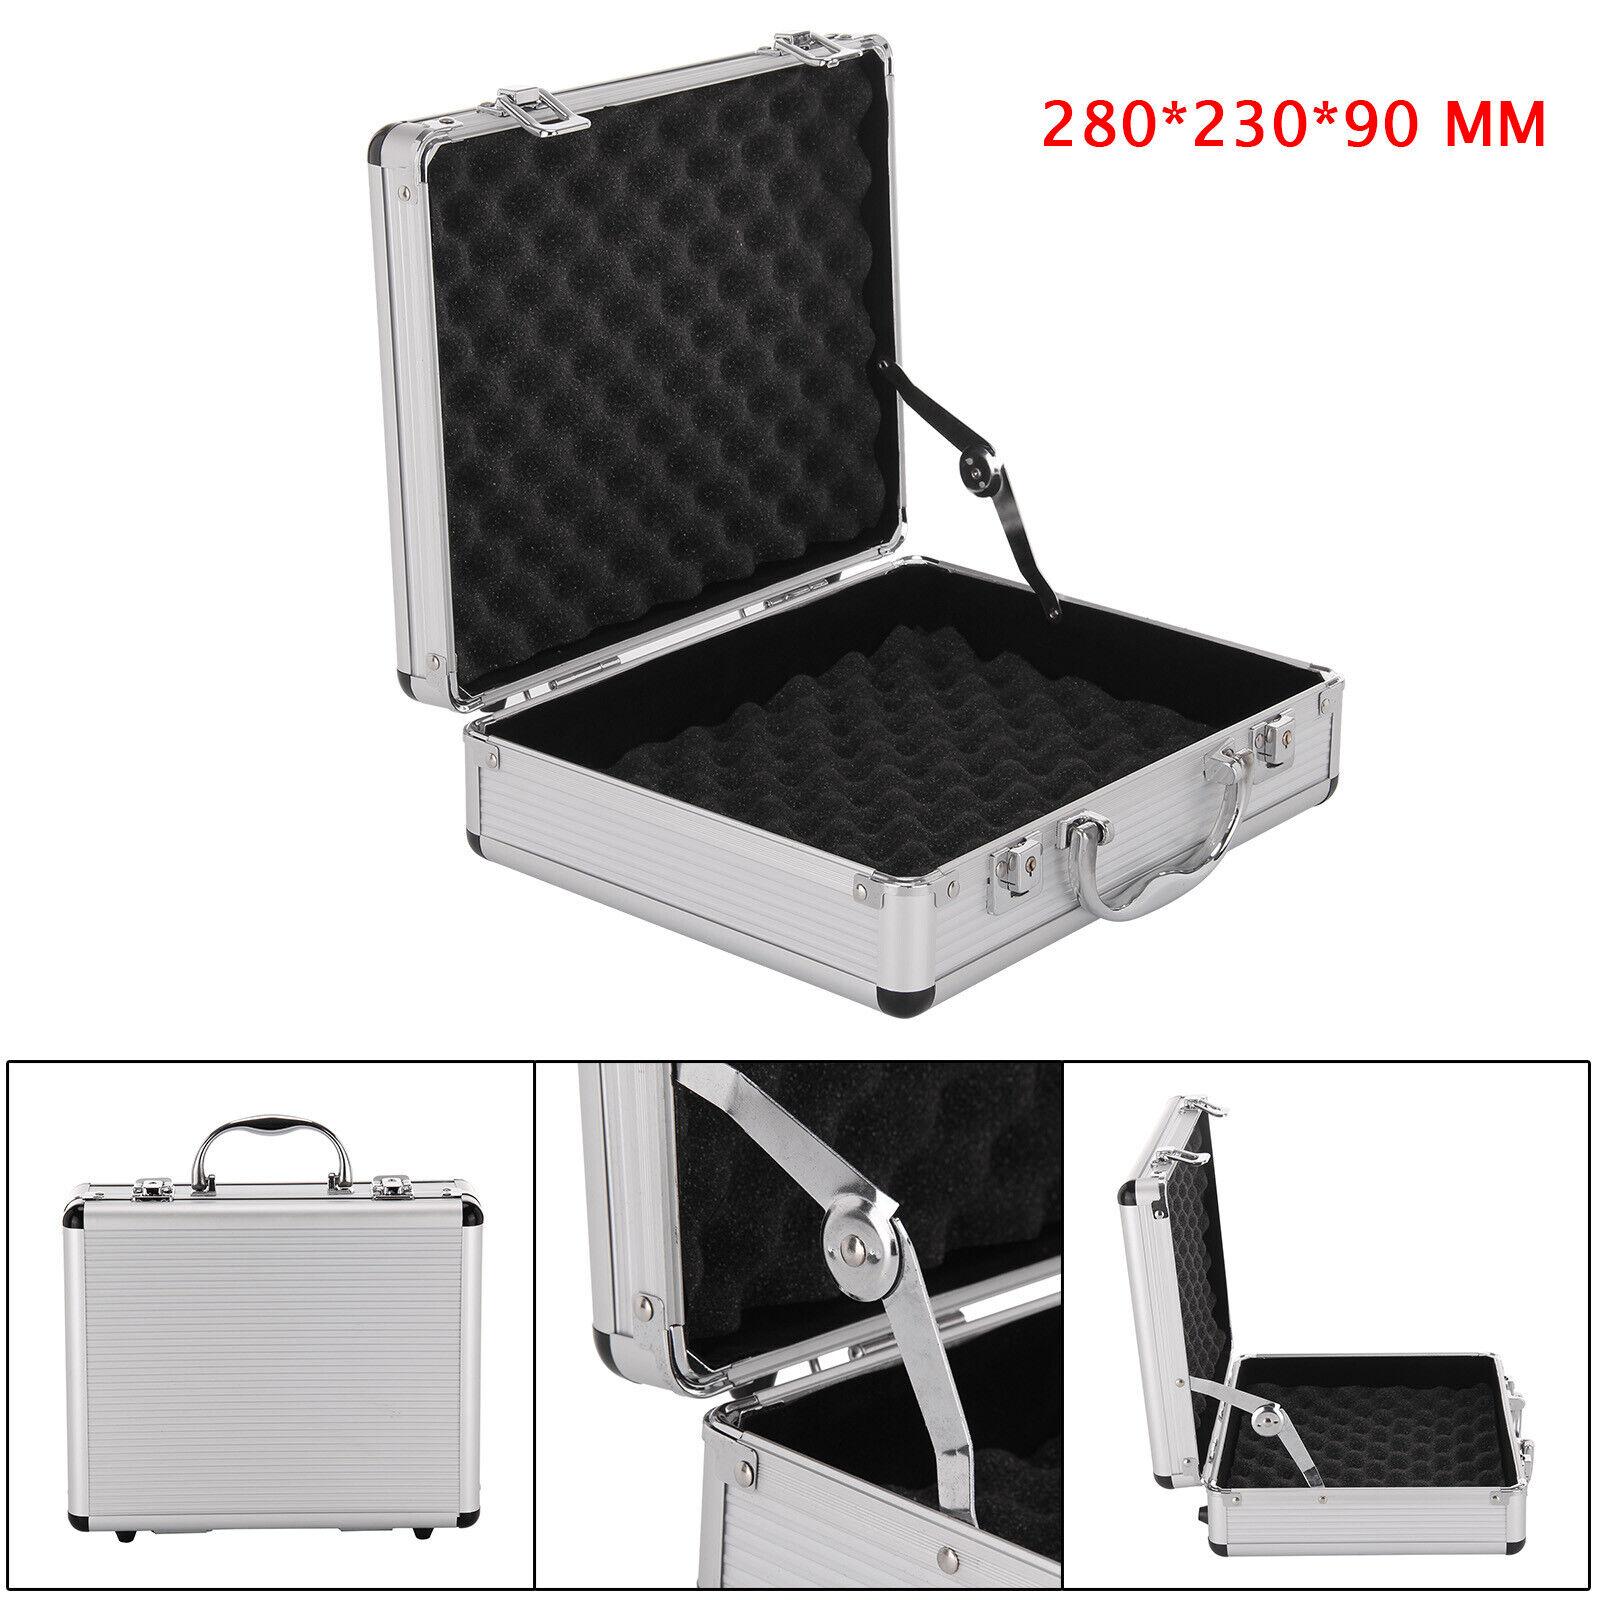 Aluminium Pistol Gun CasesStorage Lockable Flight Case Foam Tool Boxs Secured UK